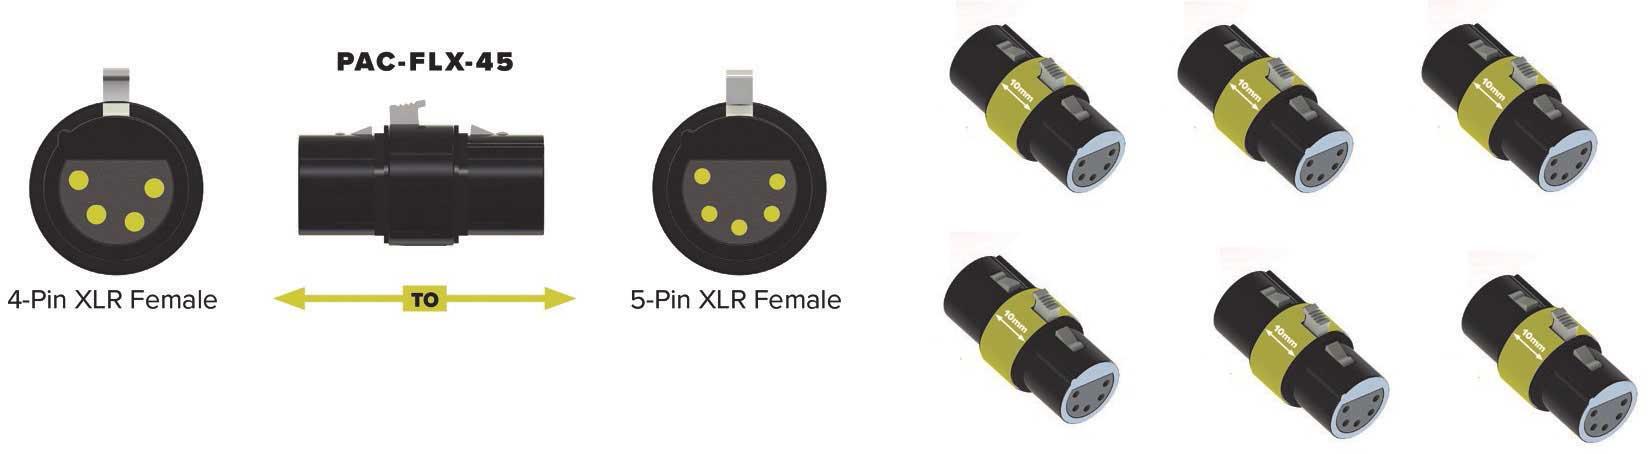 Pliant PAC-FLX-45-6PK 6X adattatori XLR4F a XLR5F